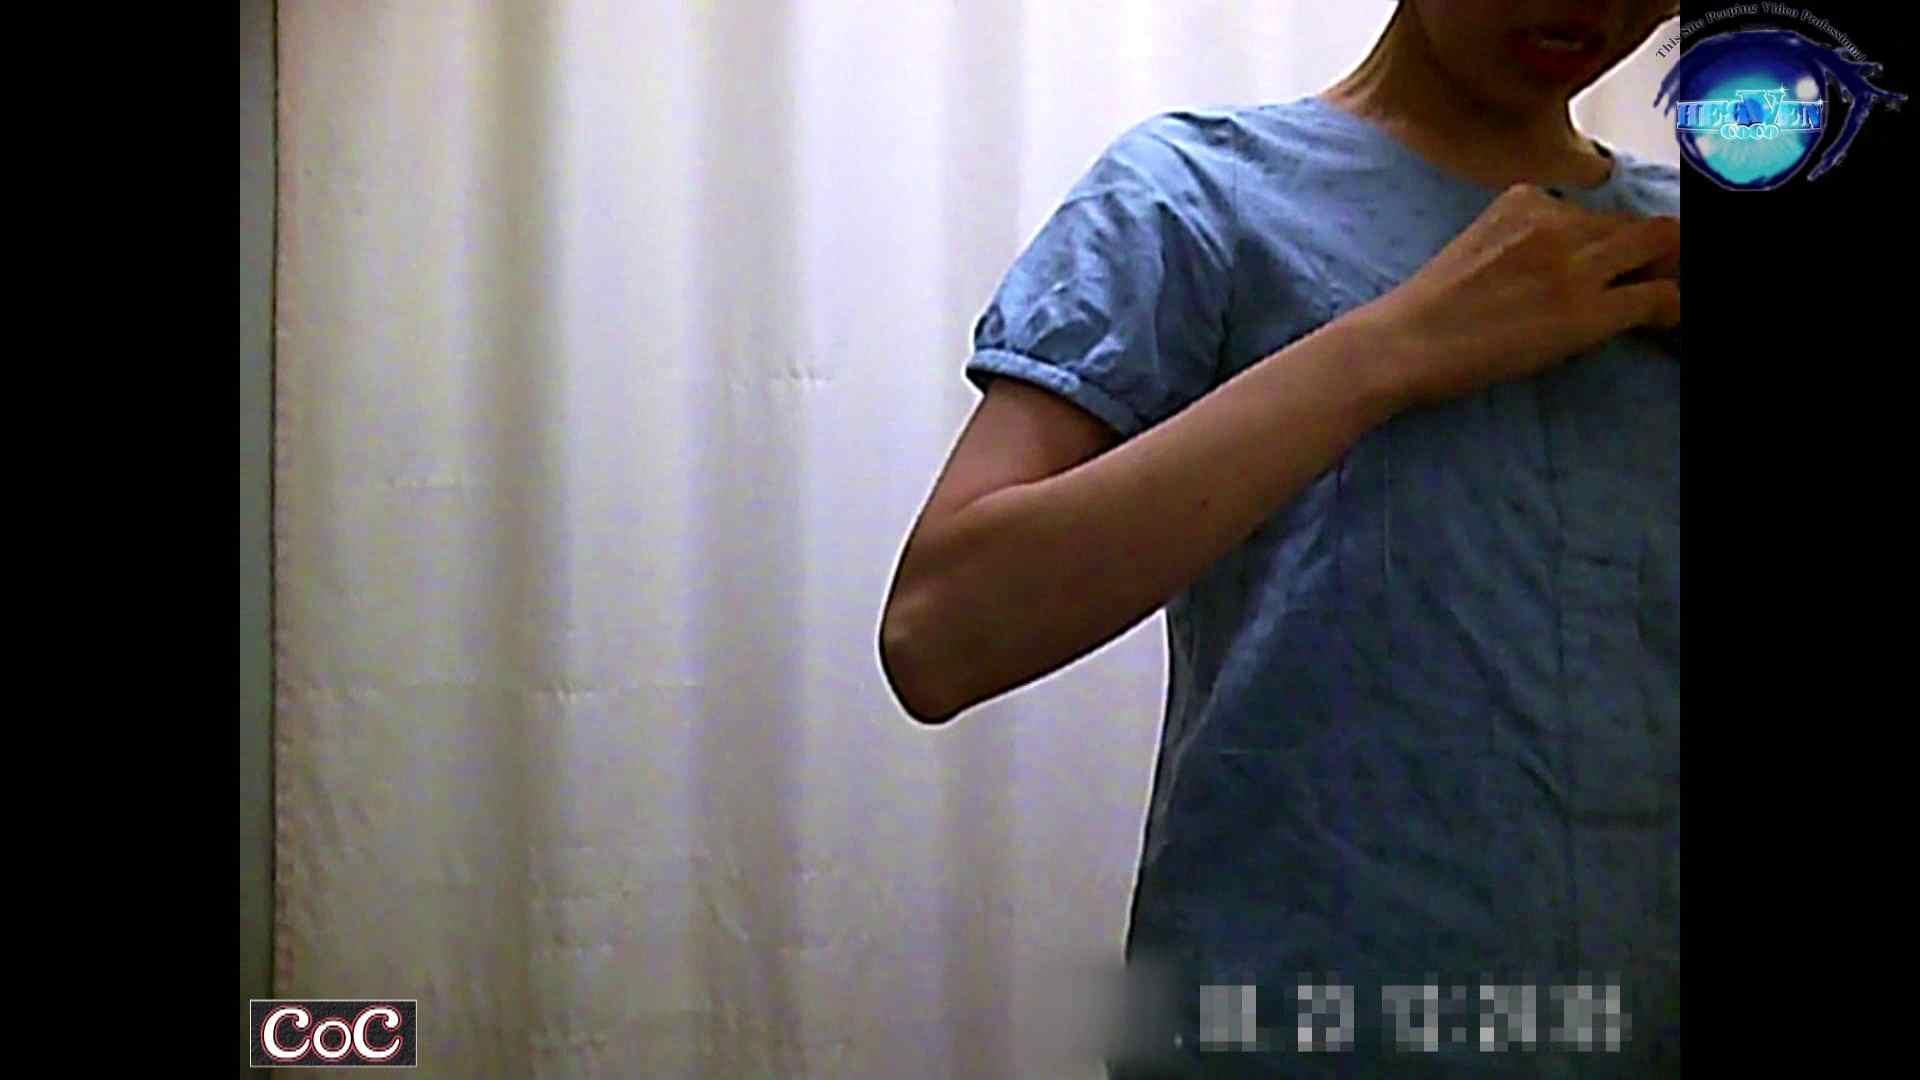 激ヤバ健康診断!着替えの一部始終.vol.17※本編ボカシ・目線無し ナース  48画像 12